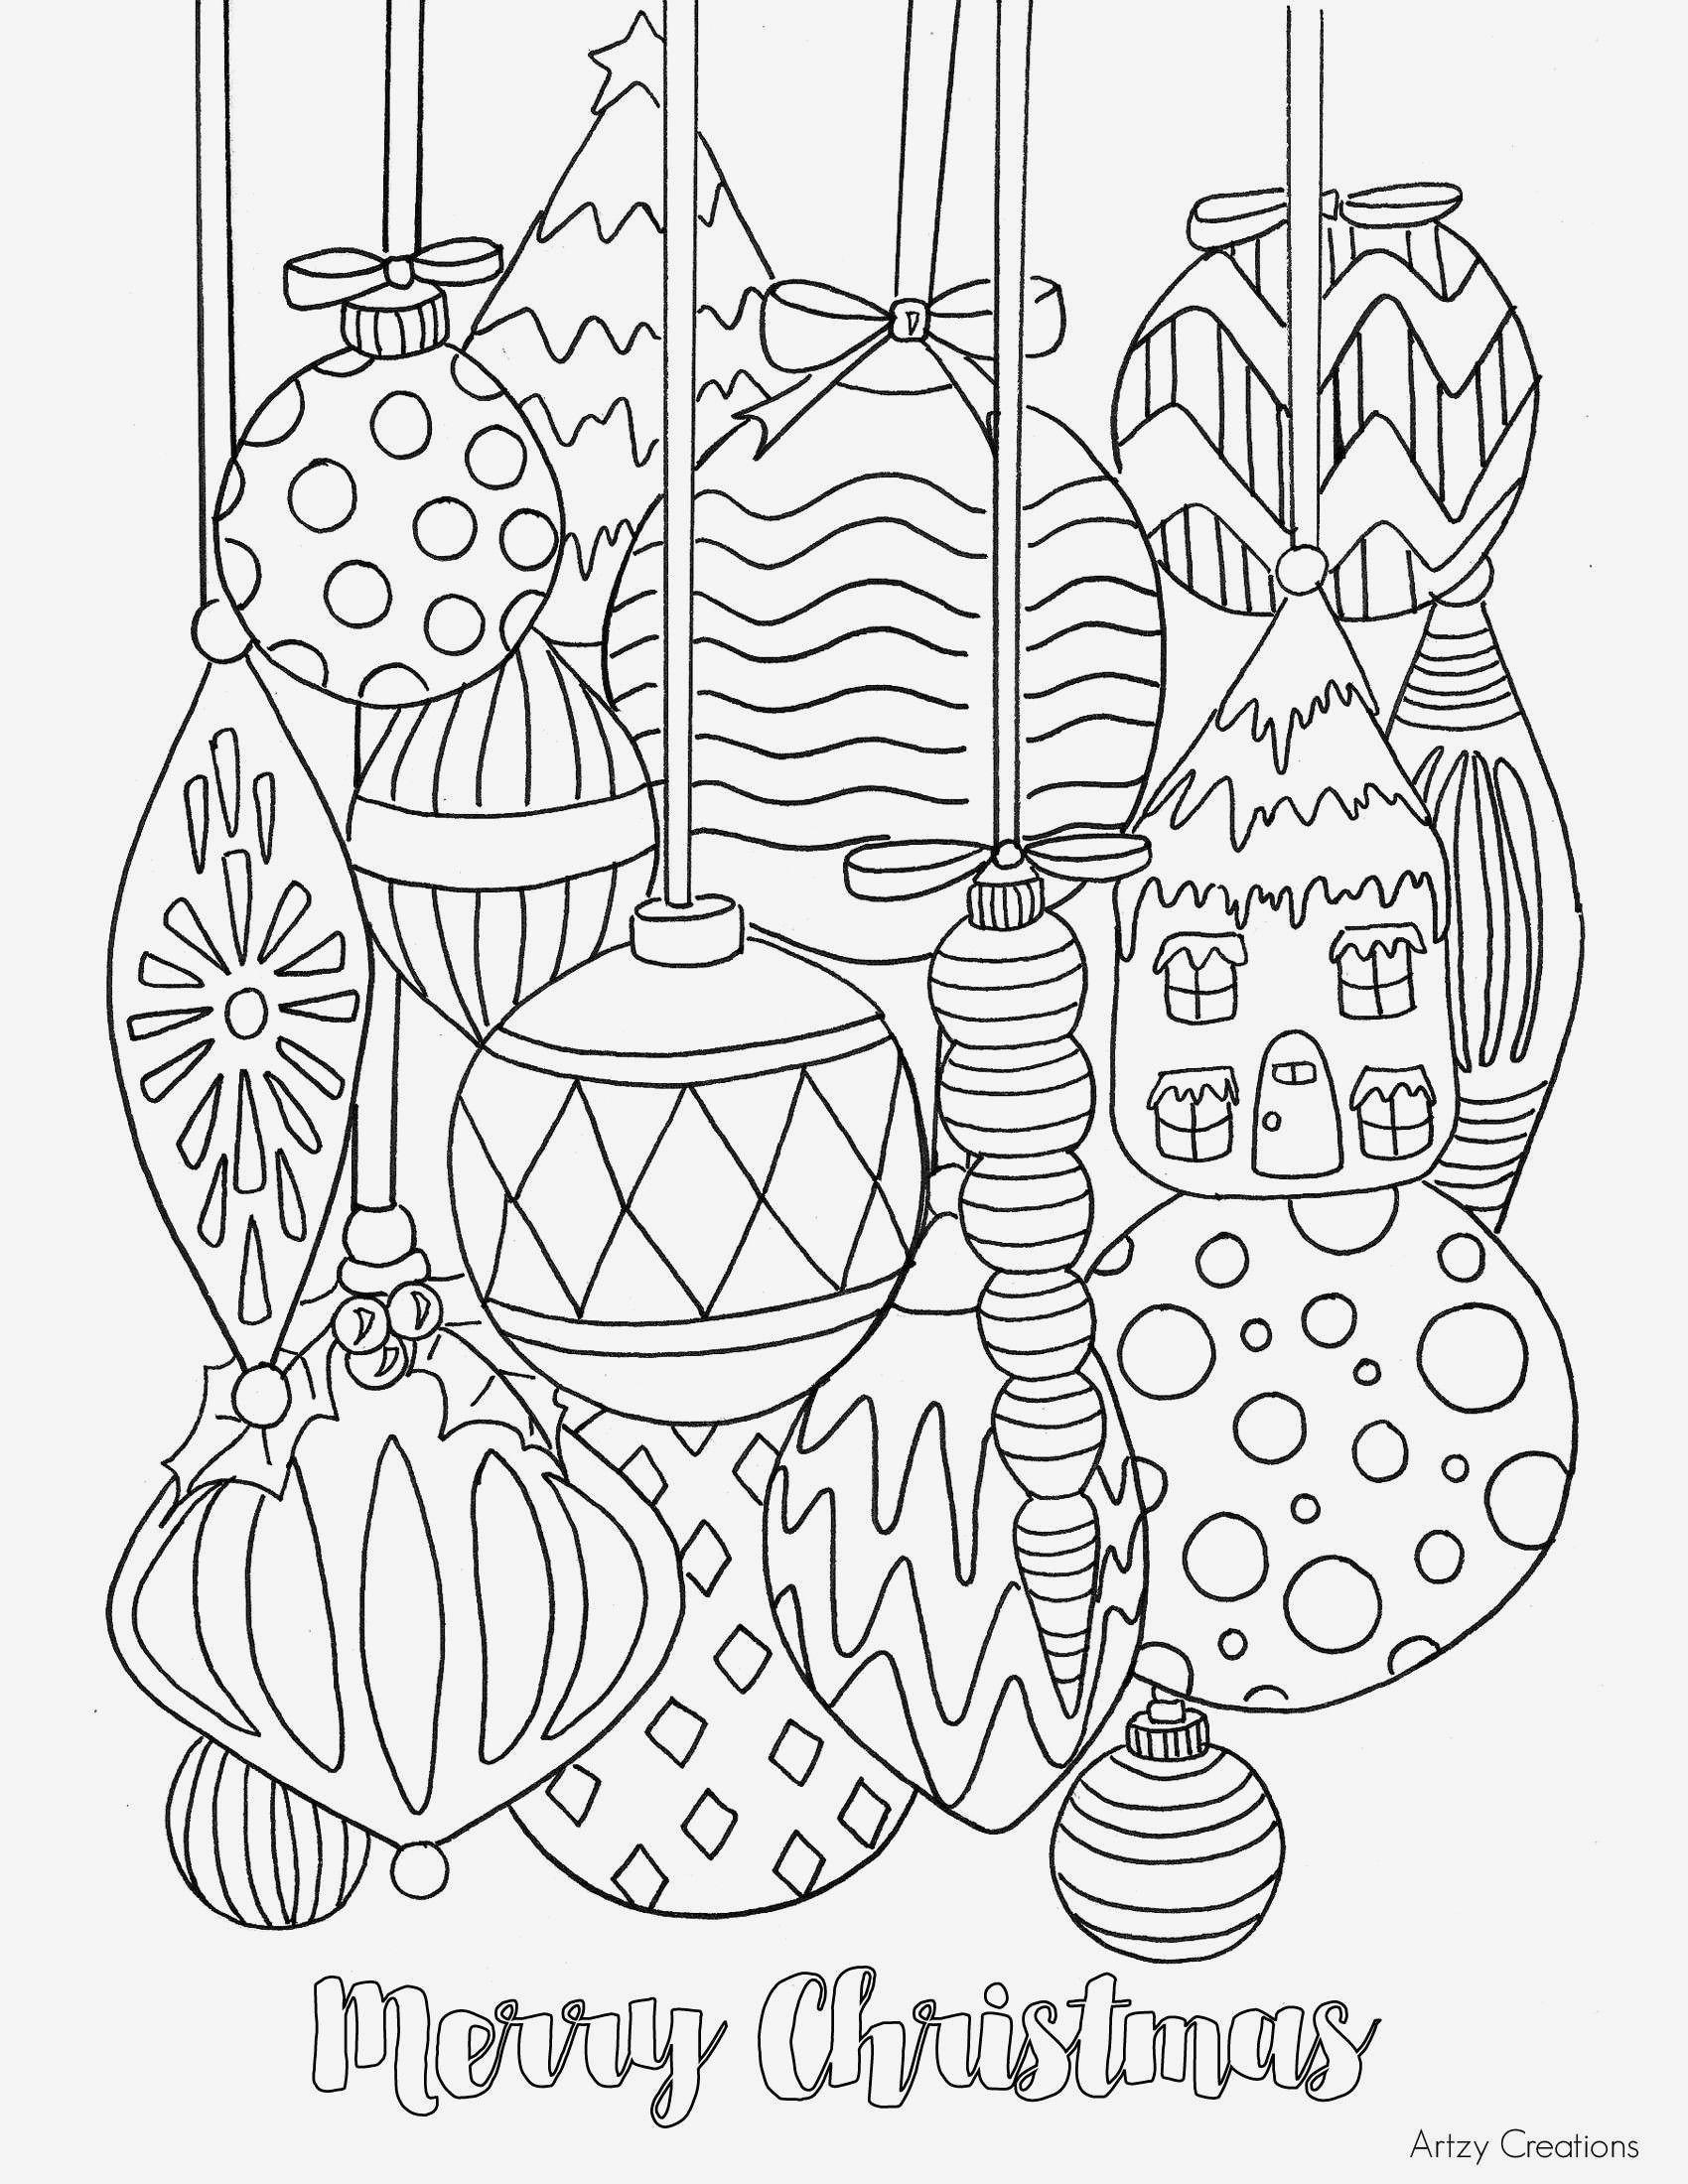 50 Einzigartig Ausmalbilder Weihnachten Mit Text Fotos Muster Malvorlagen Weihnachten Zum Ausmalen Lustige Malvorlagen